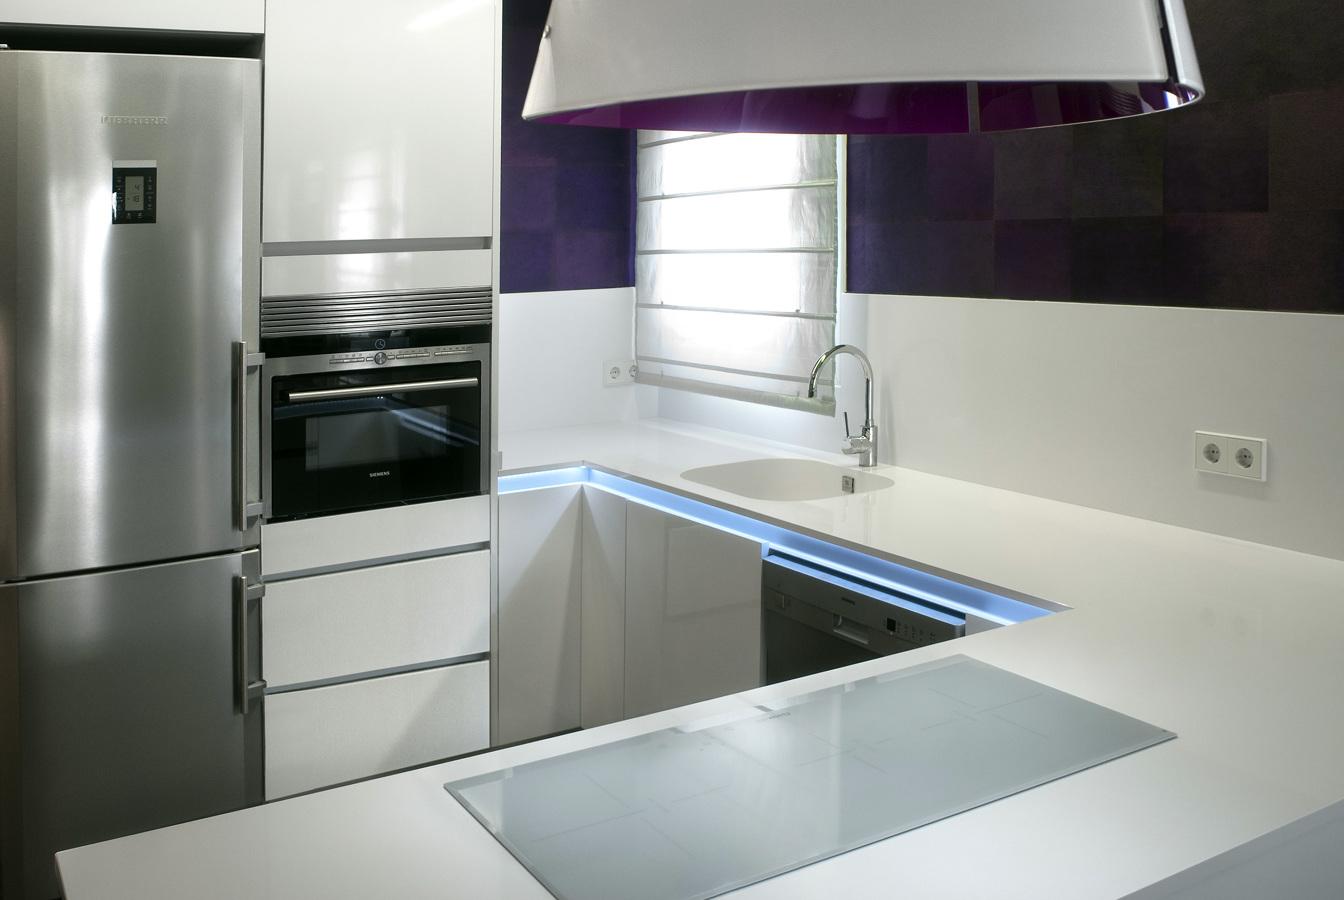 Foto rehabilitaci n de cocinas en fincas antiguas de for Plateros de cocina modernos